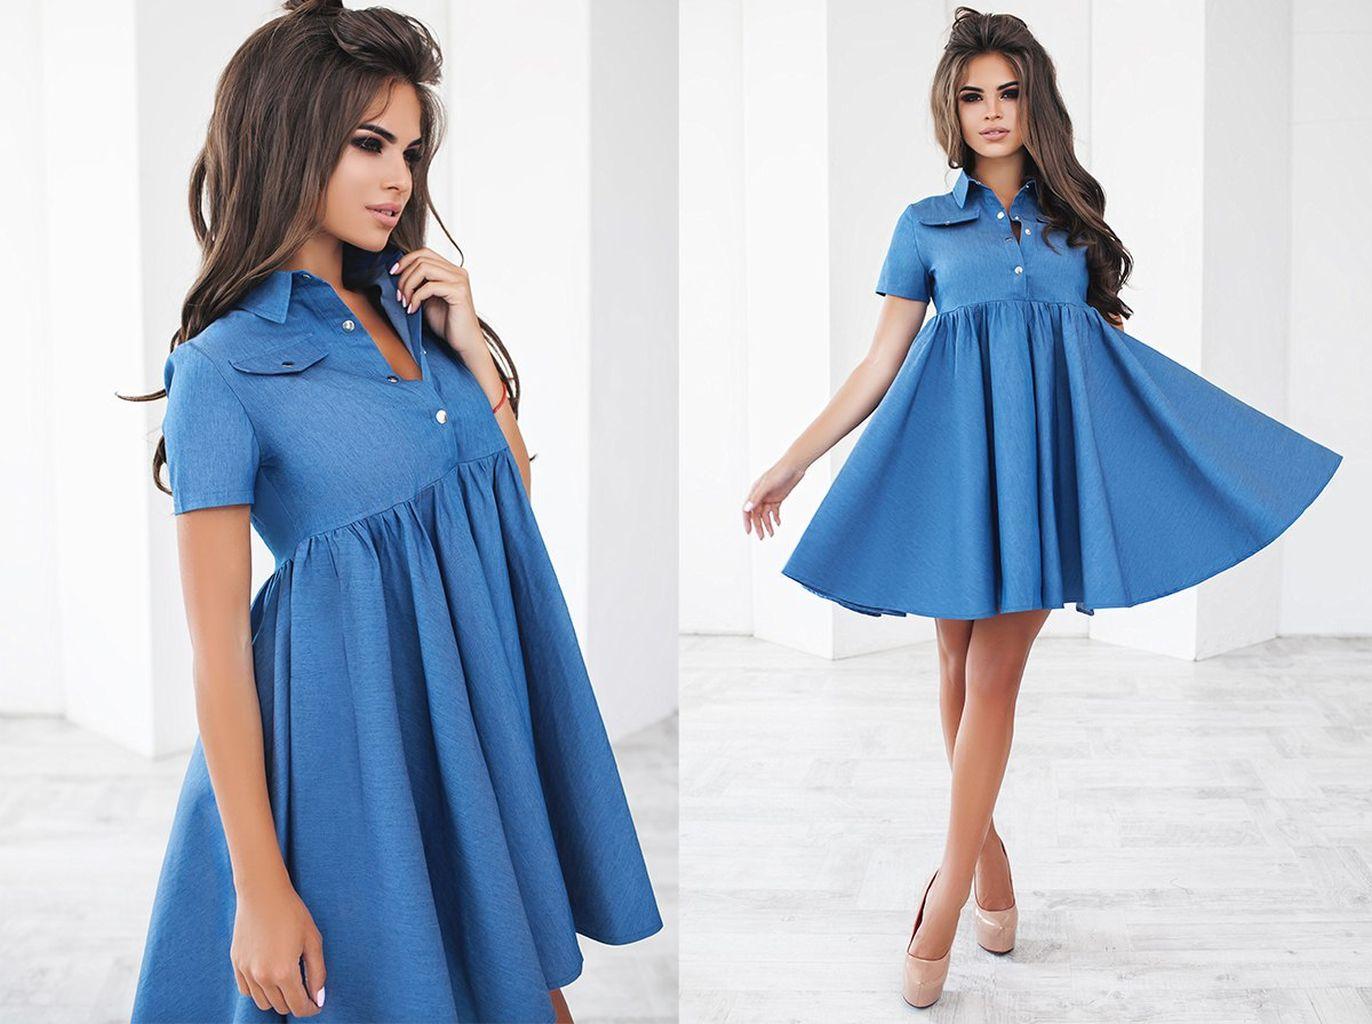 платья и юбки в пол для беременных, модные тенденции 2019 фото 5